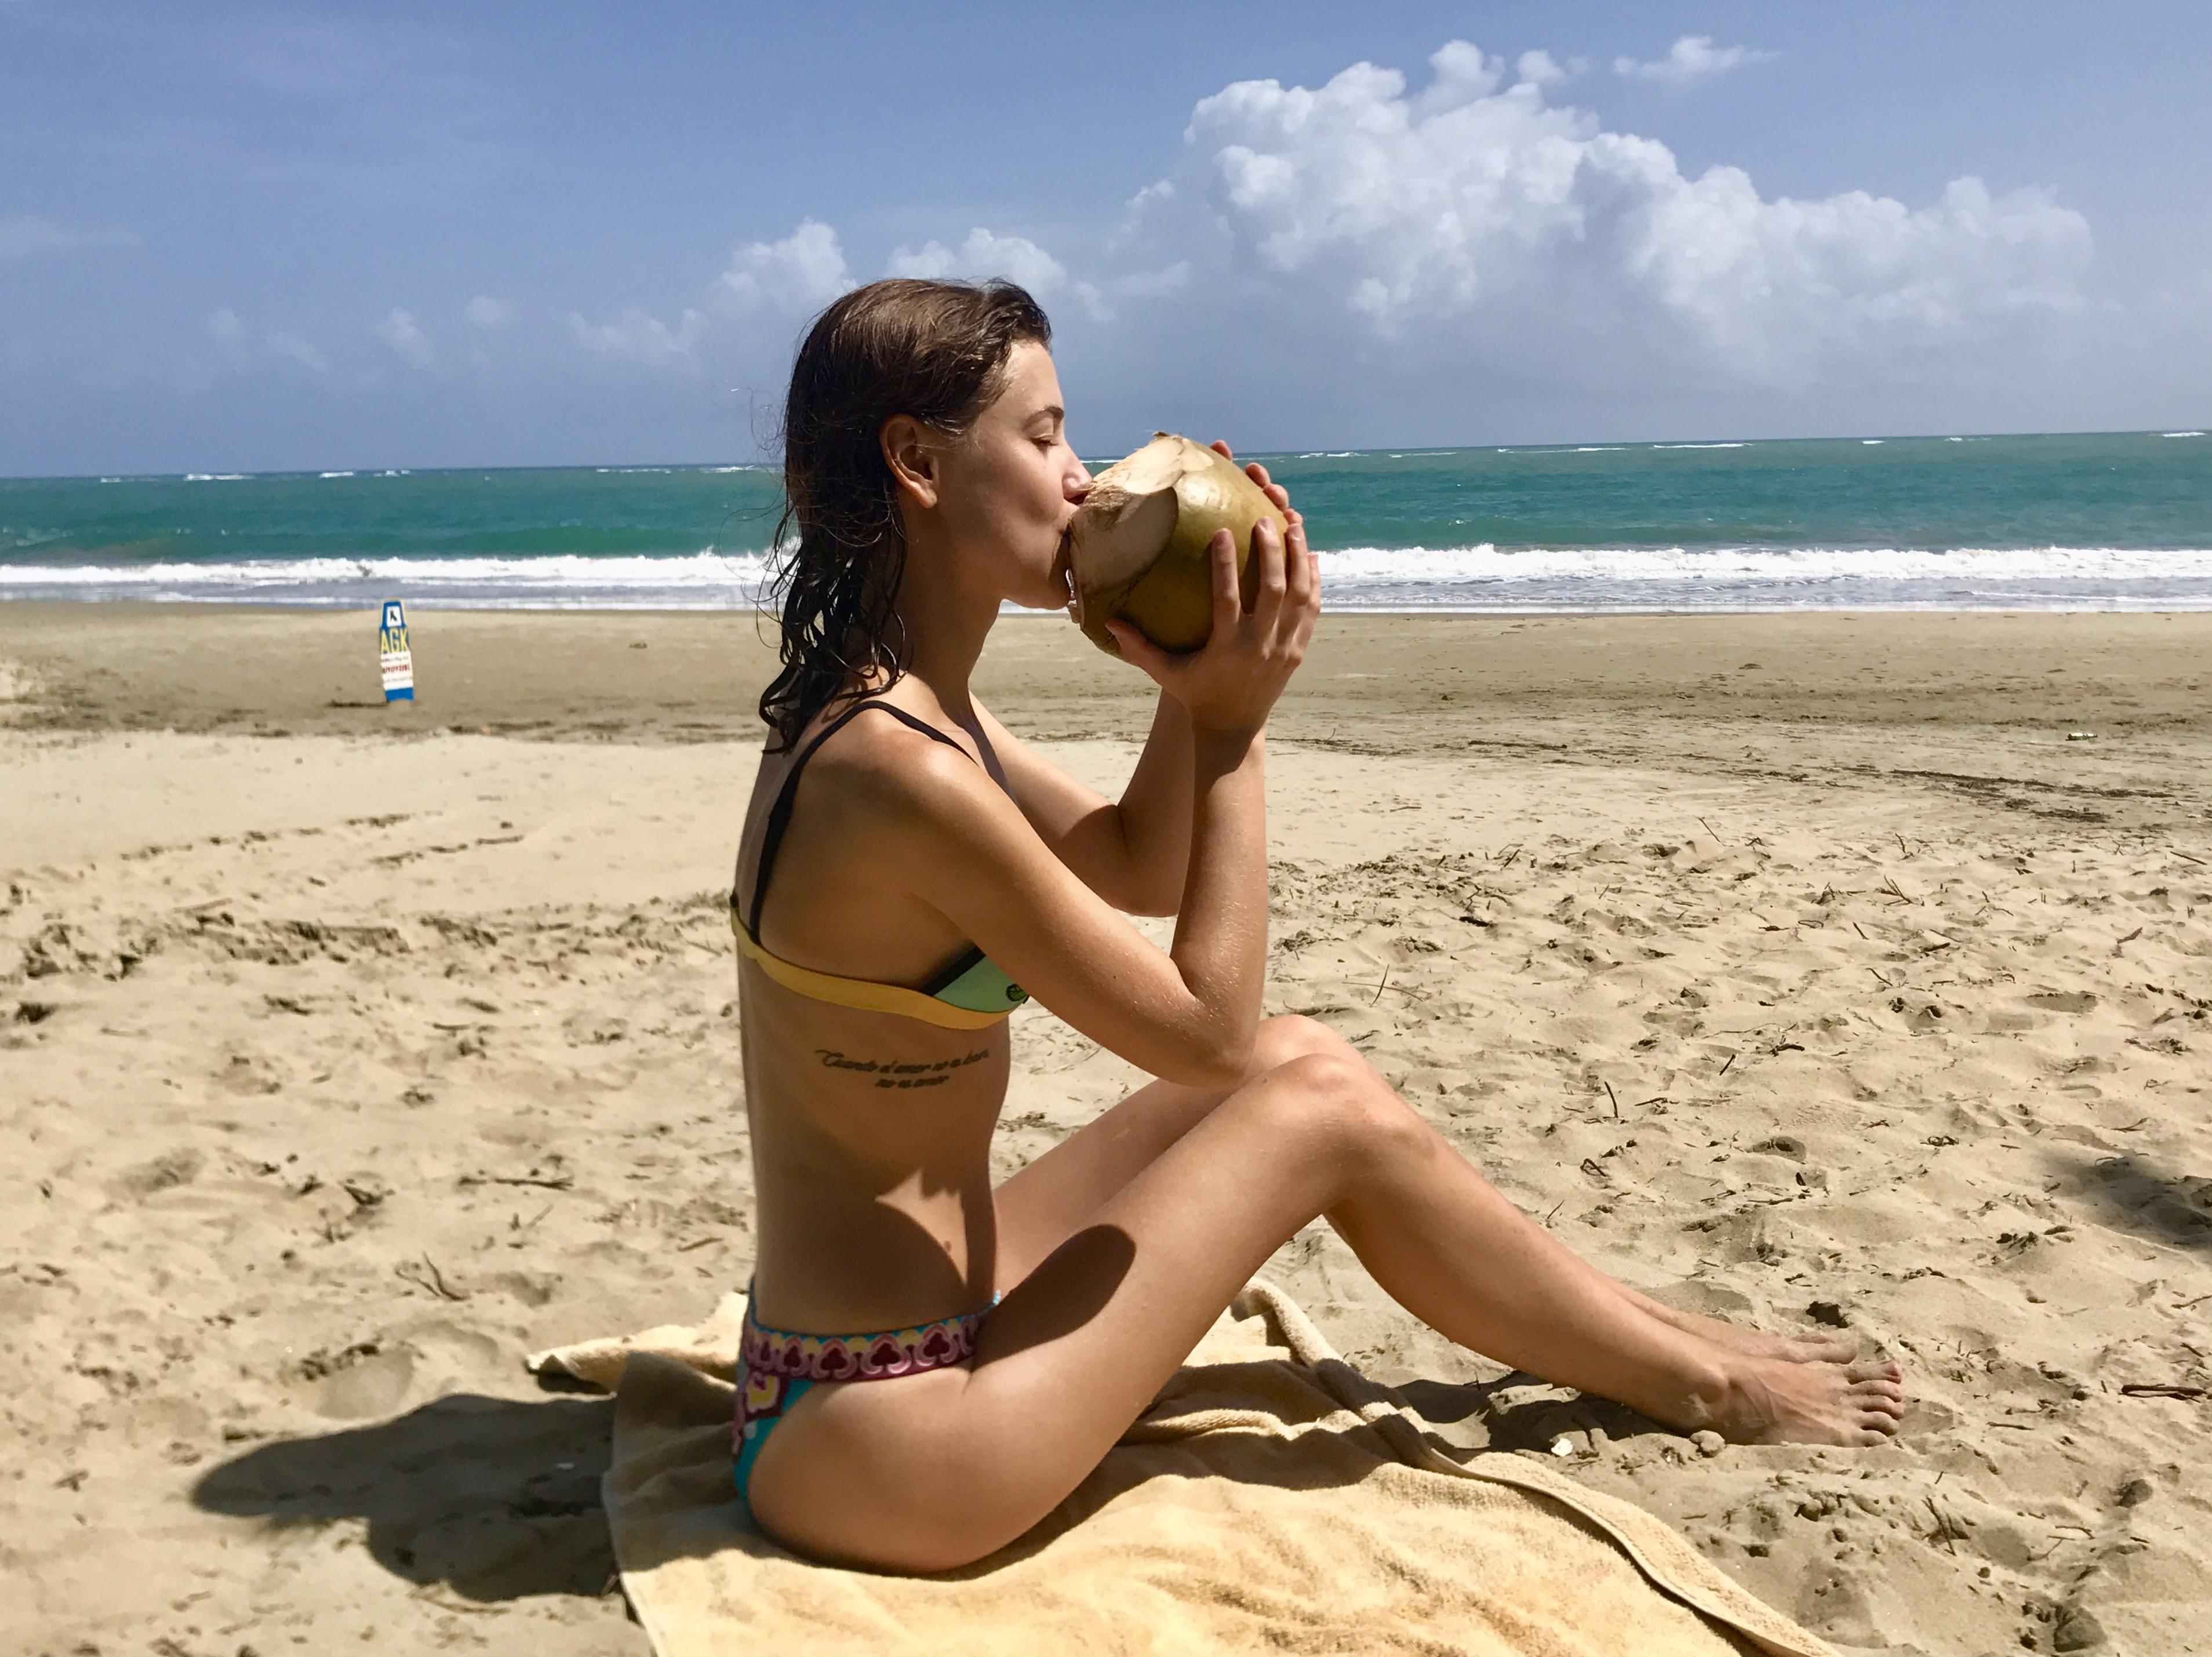 Сколько стоит отдых на Карибах? Цены на жилье, еду и проезд в Доминикане